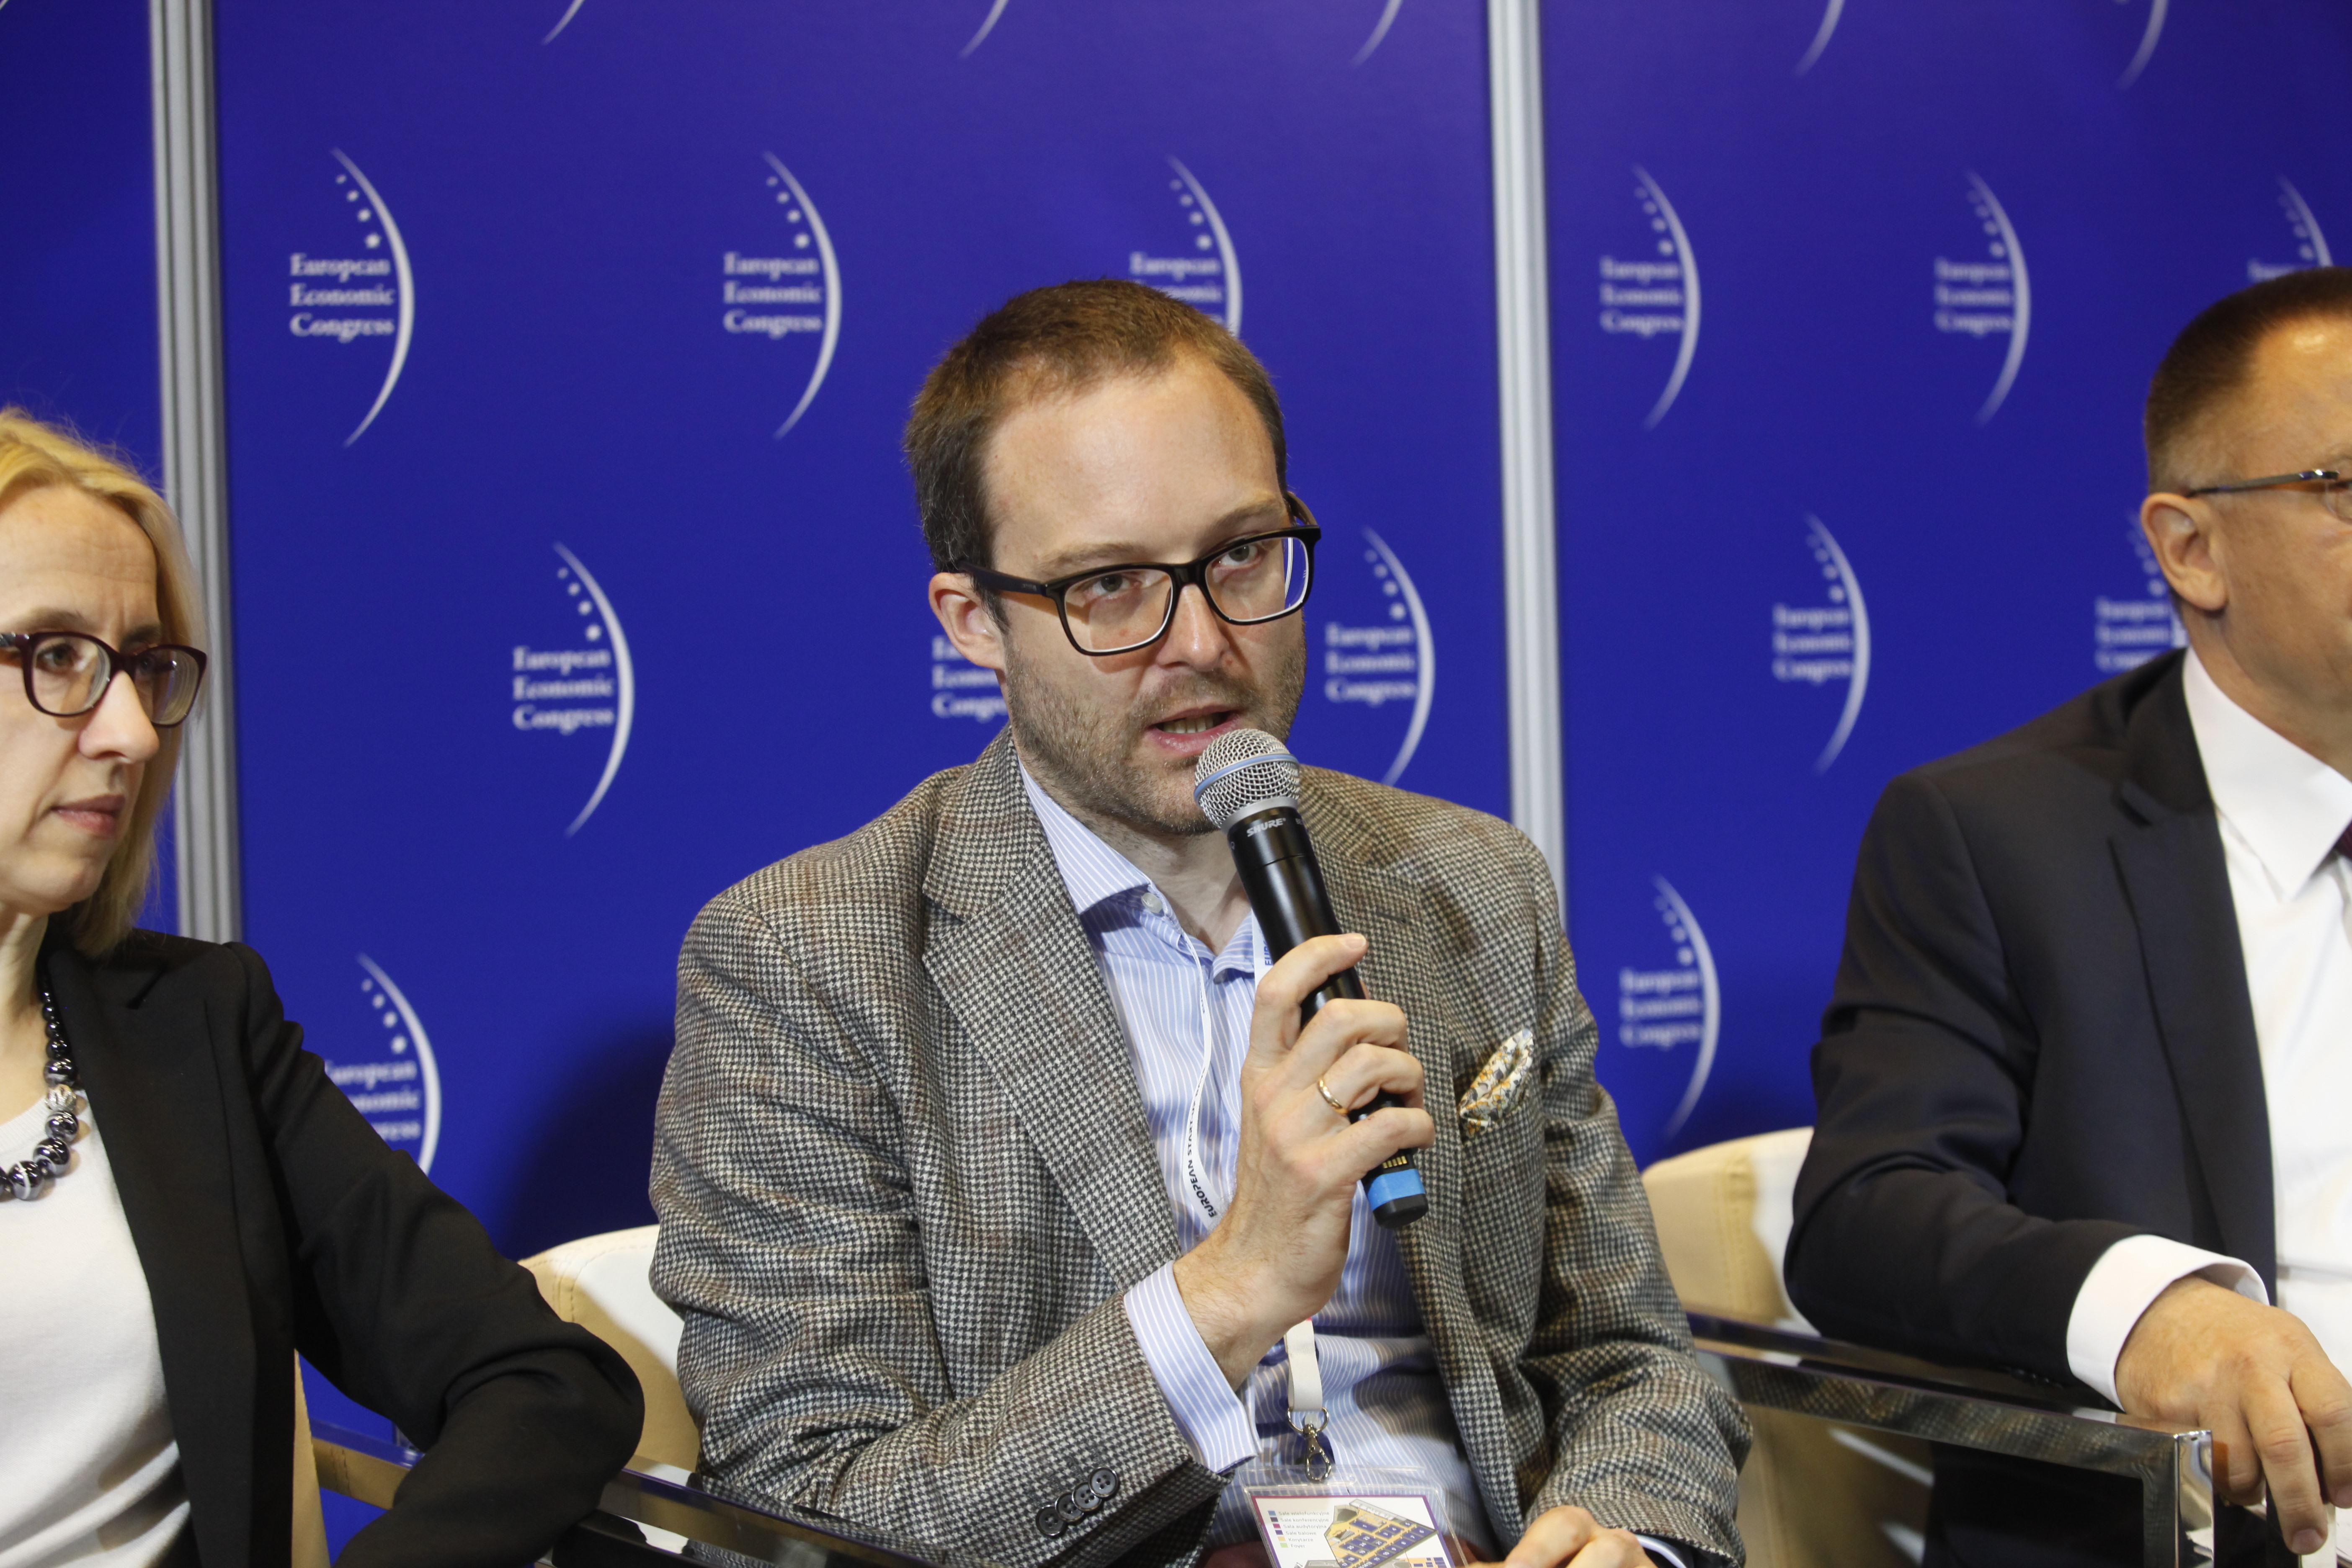 Dr Marek Dietl, doradca prezydenta RP, wykładowca na SGH oraz ekspert w obszarze gospodarki w Instytucie Sobieskiego. (fot. PTWP)